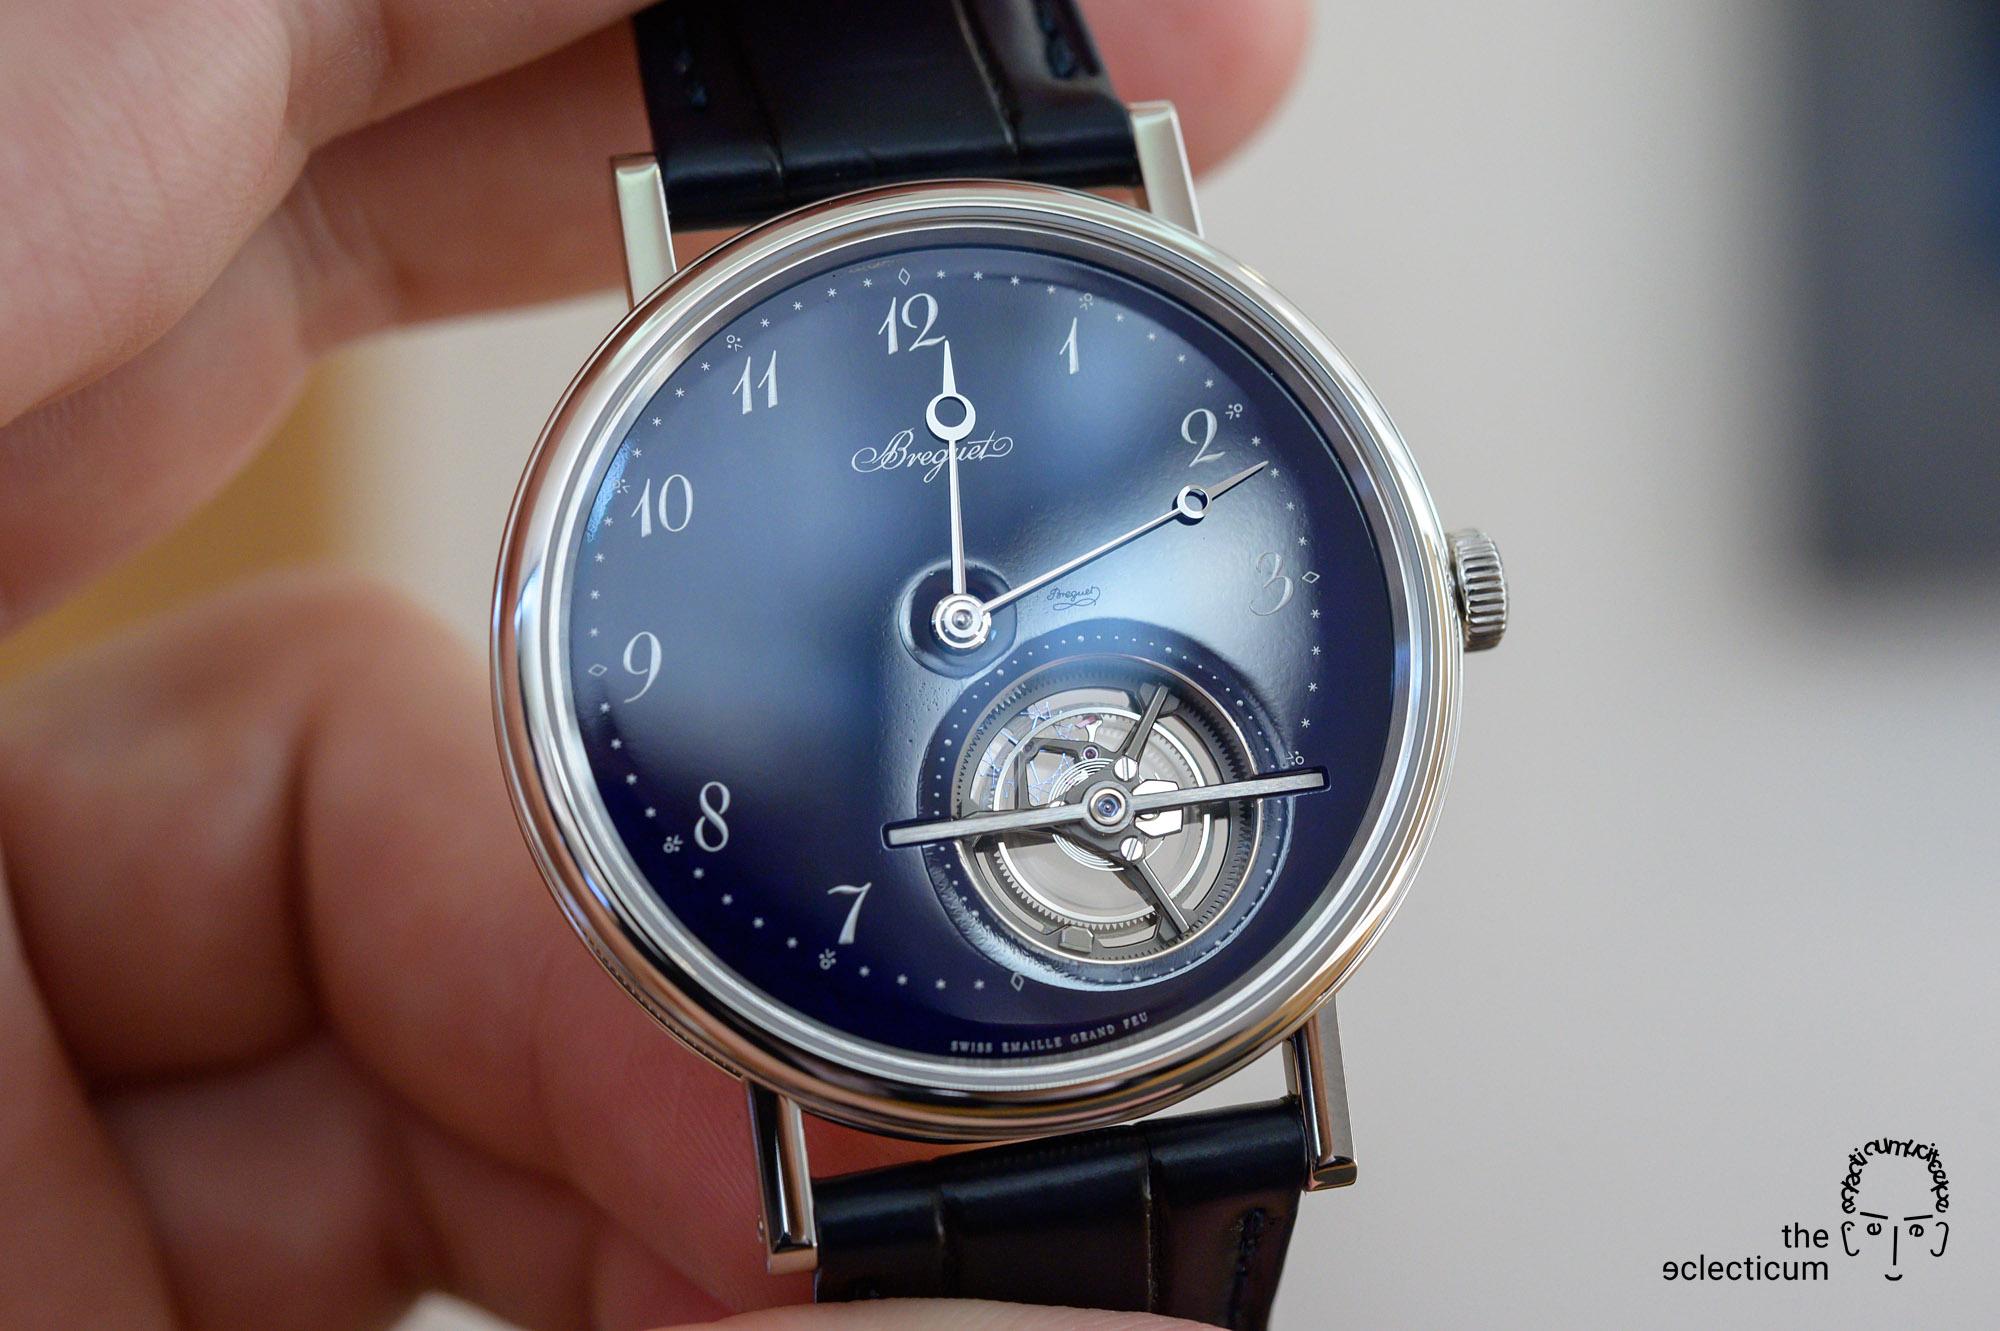 Breguet Classique Tourbillon Extra-Plat Blue Ref. 5367PT Grand Feu Enamel